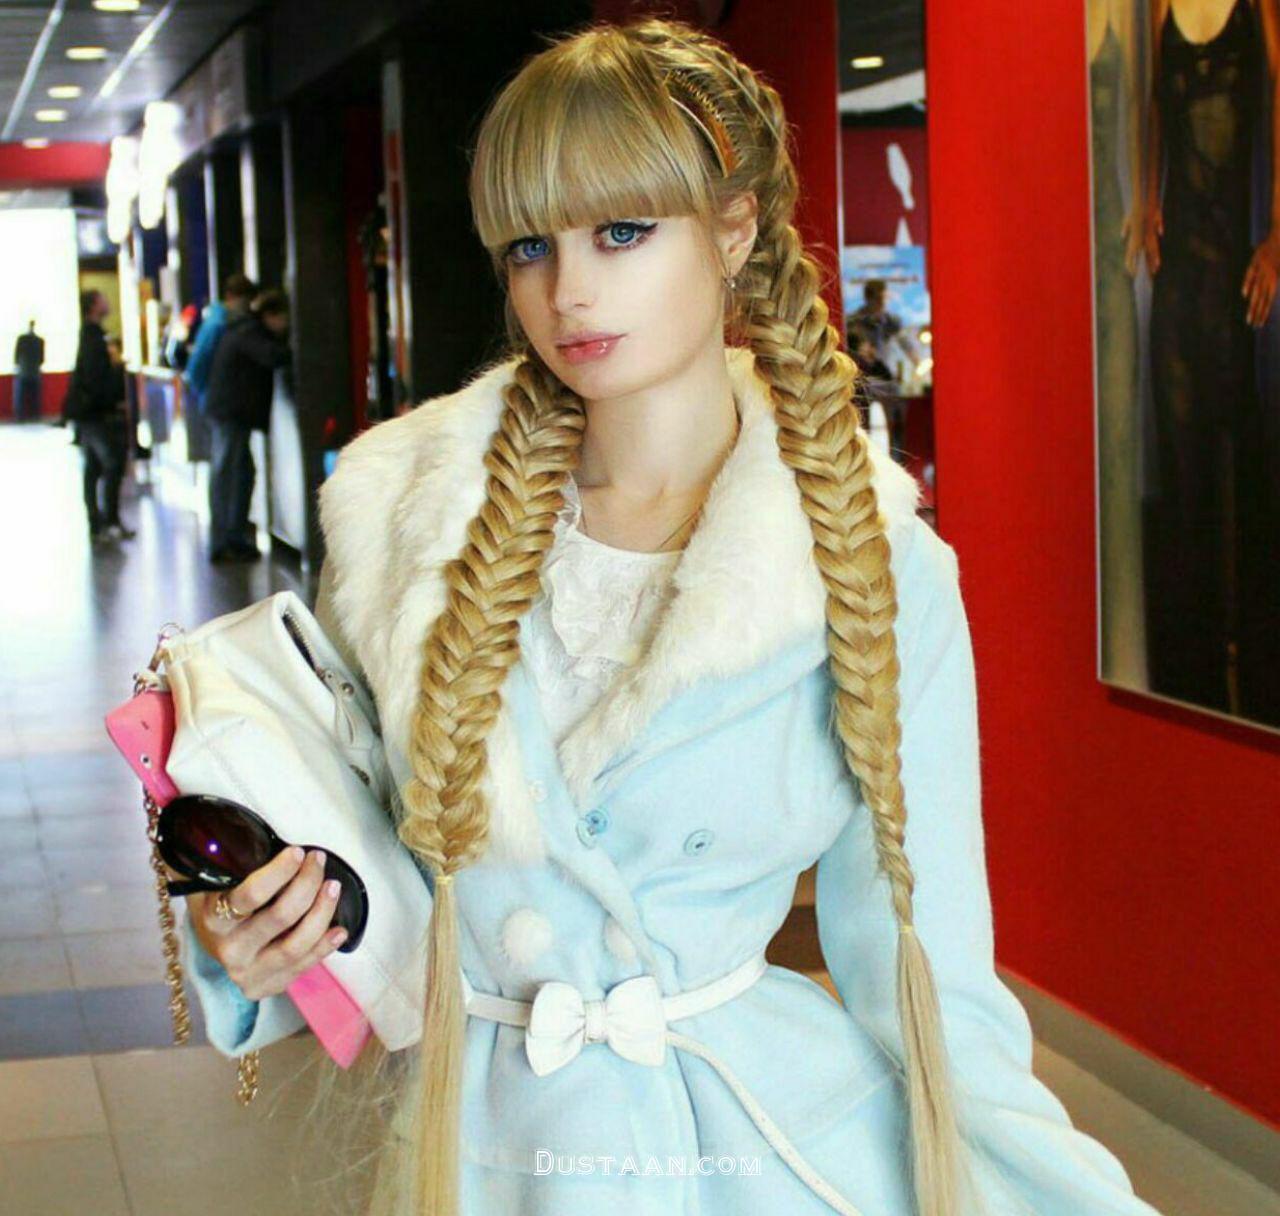 زیباترین و شایسته ترین دختر سال 2012 جهان   تصاویر   سوسا